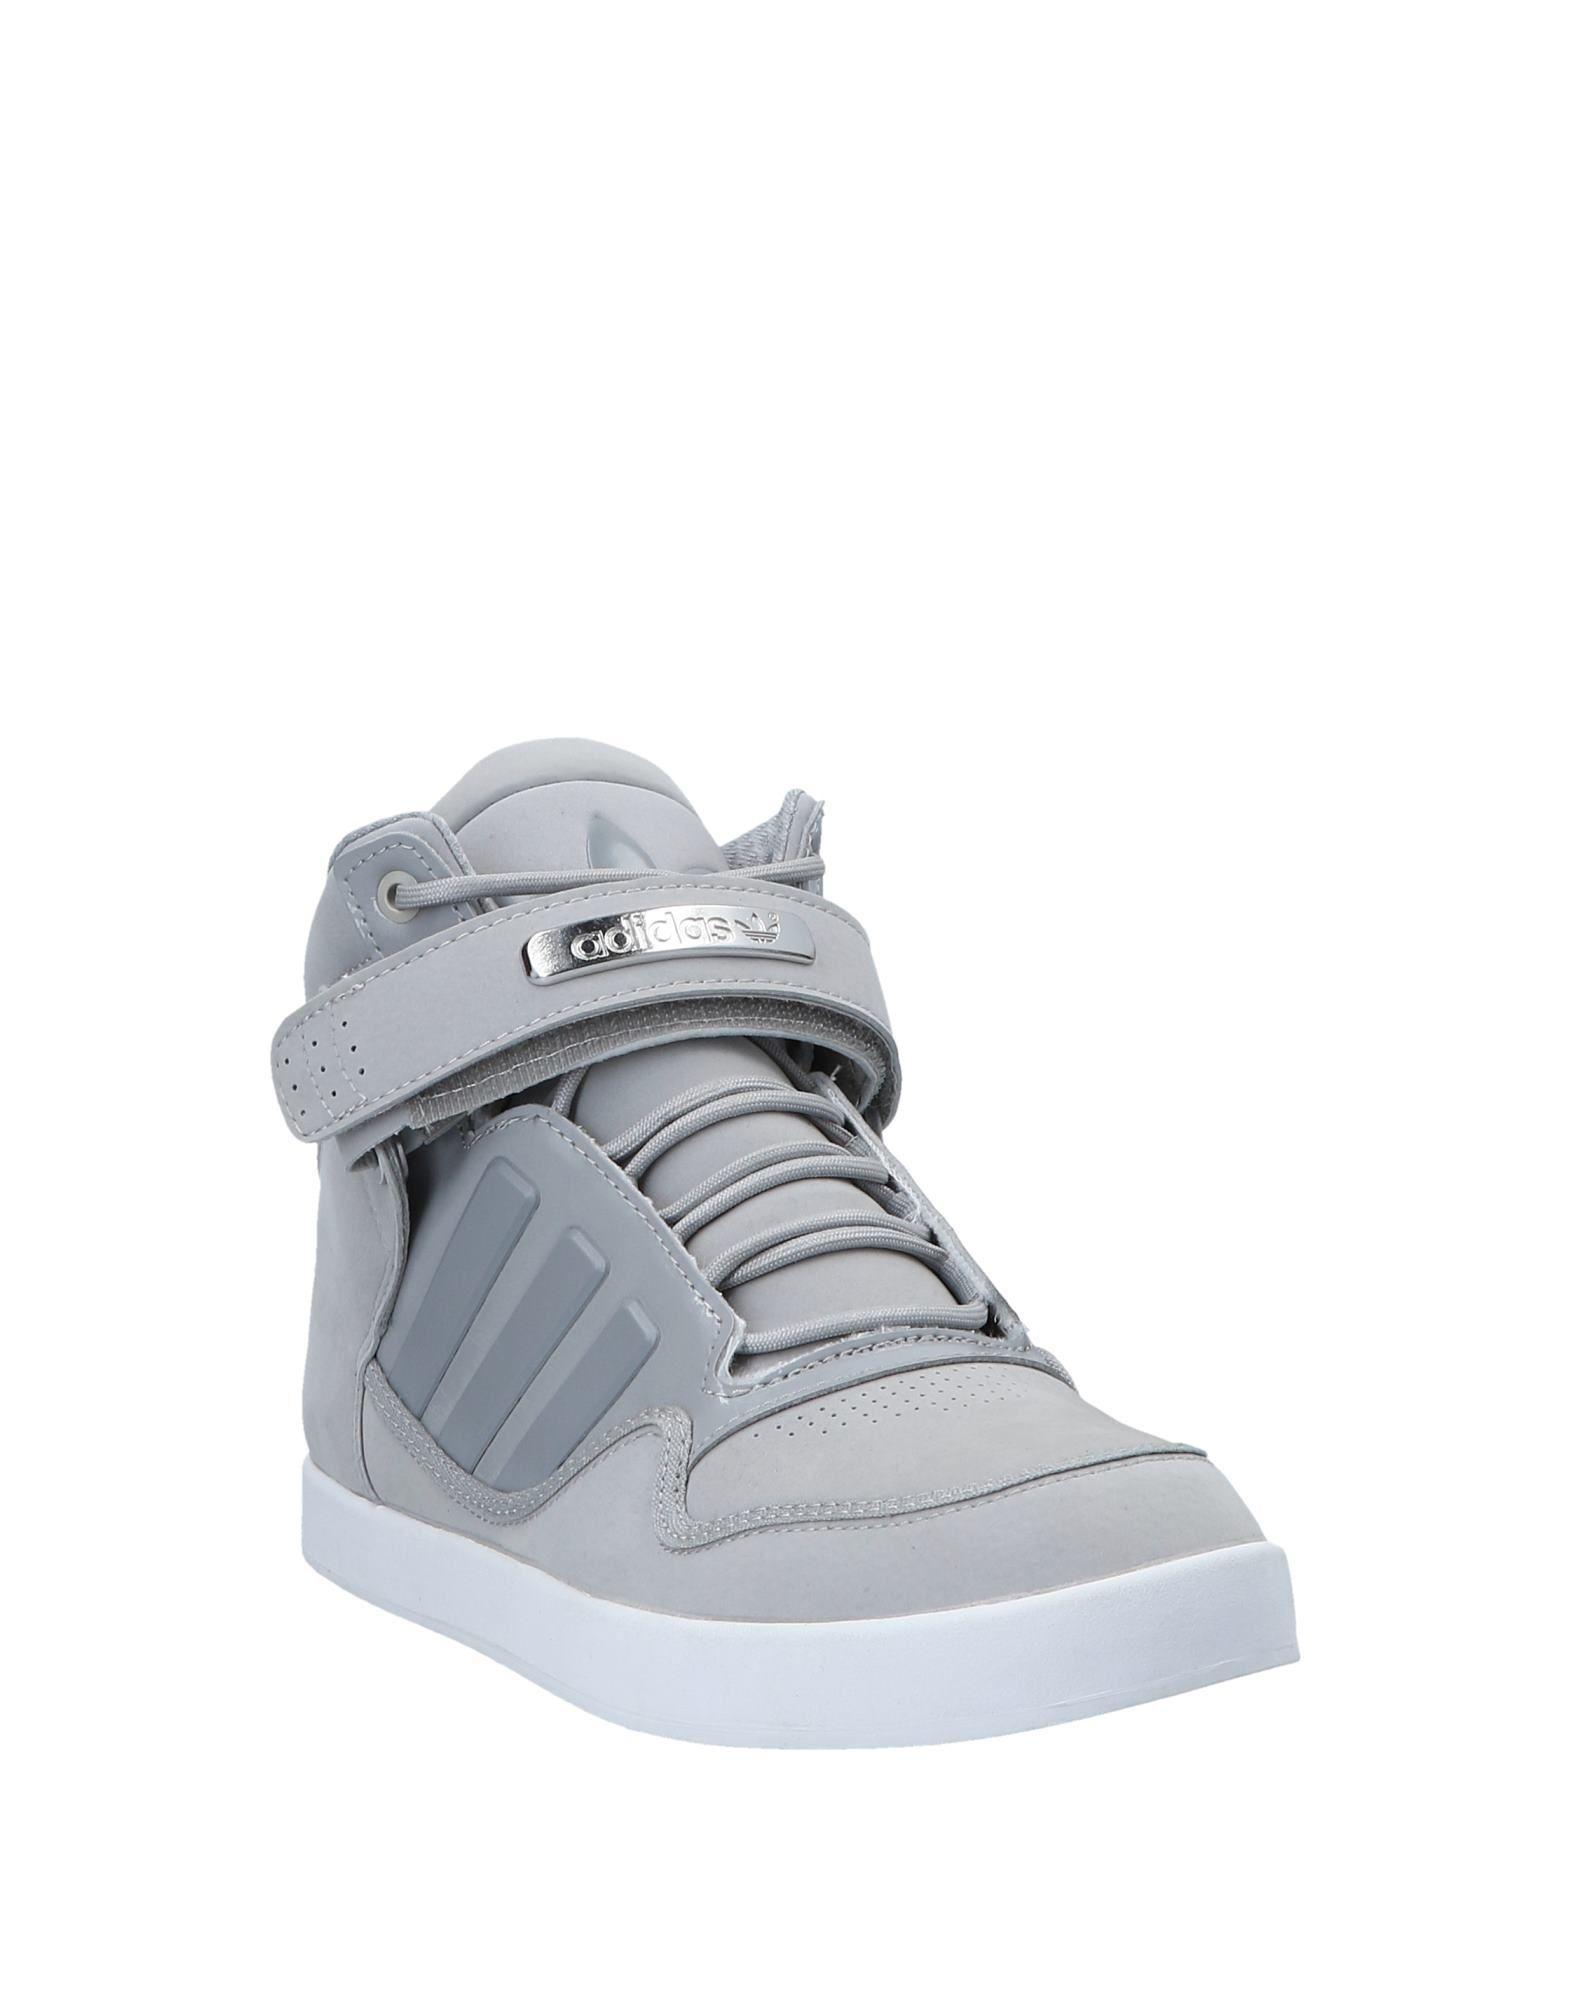 best cheap a6137 19b8c Lyst - Sneakers   Tennis montantes adidas Originals pour homme en ...